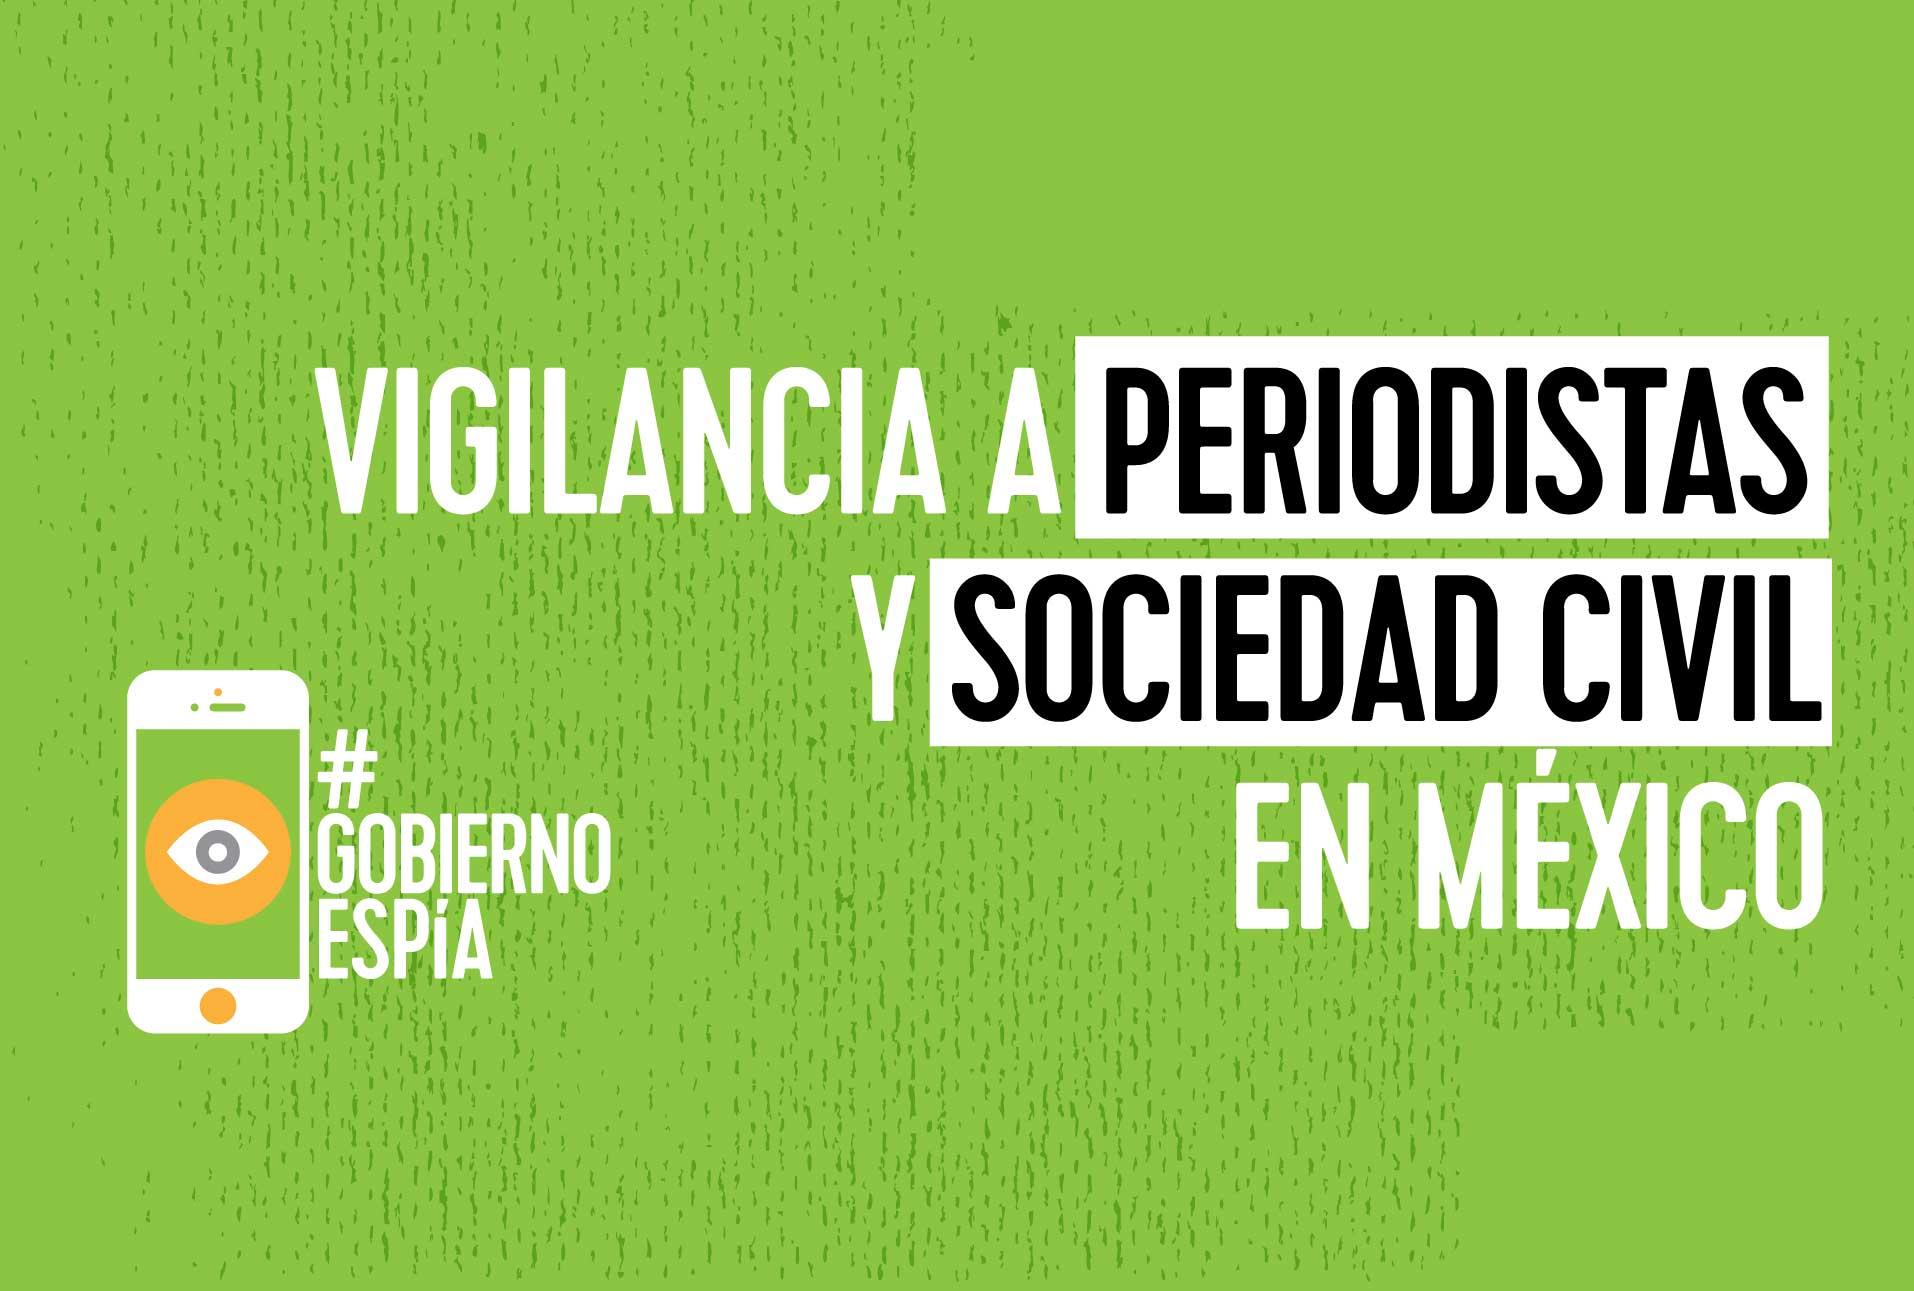 COMUNICADO | A un año de #GobiernoEspía, prevalece la impunidad